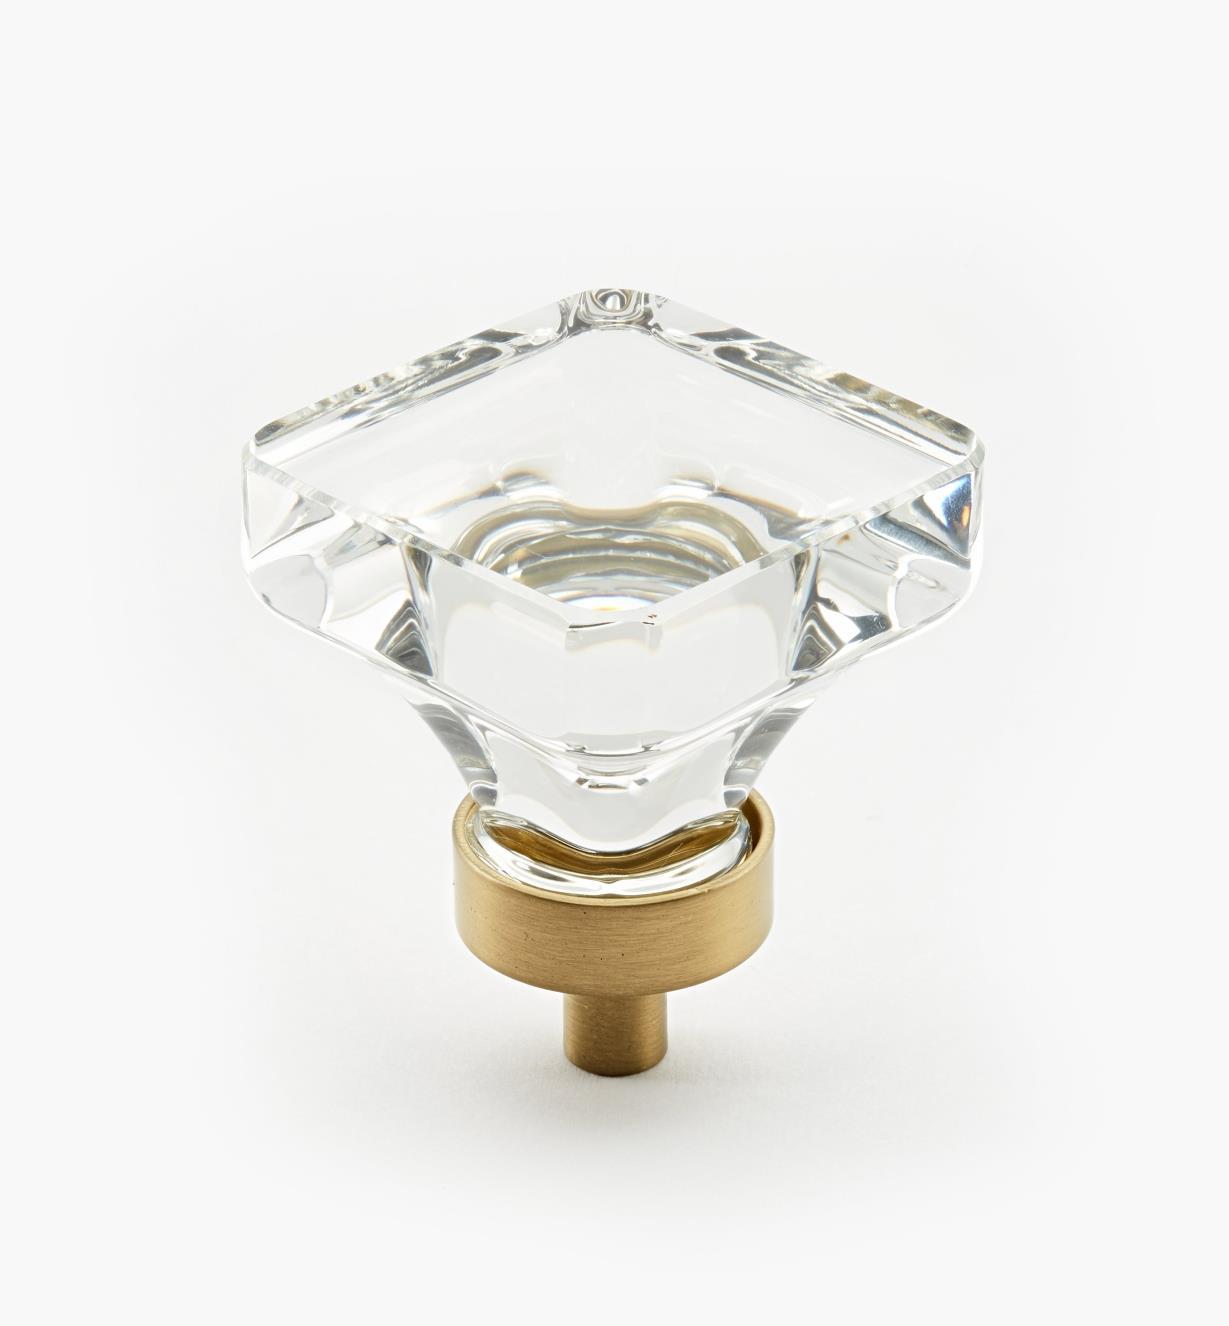 02A0544 - Bouton carré Glacio, champagne, 13/4pox 15/16po, l'unité